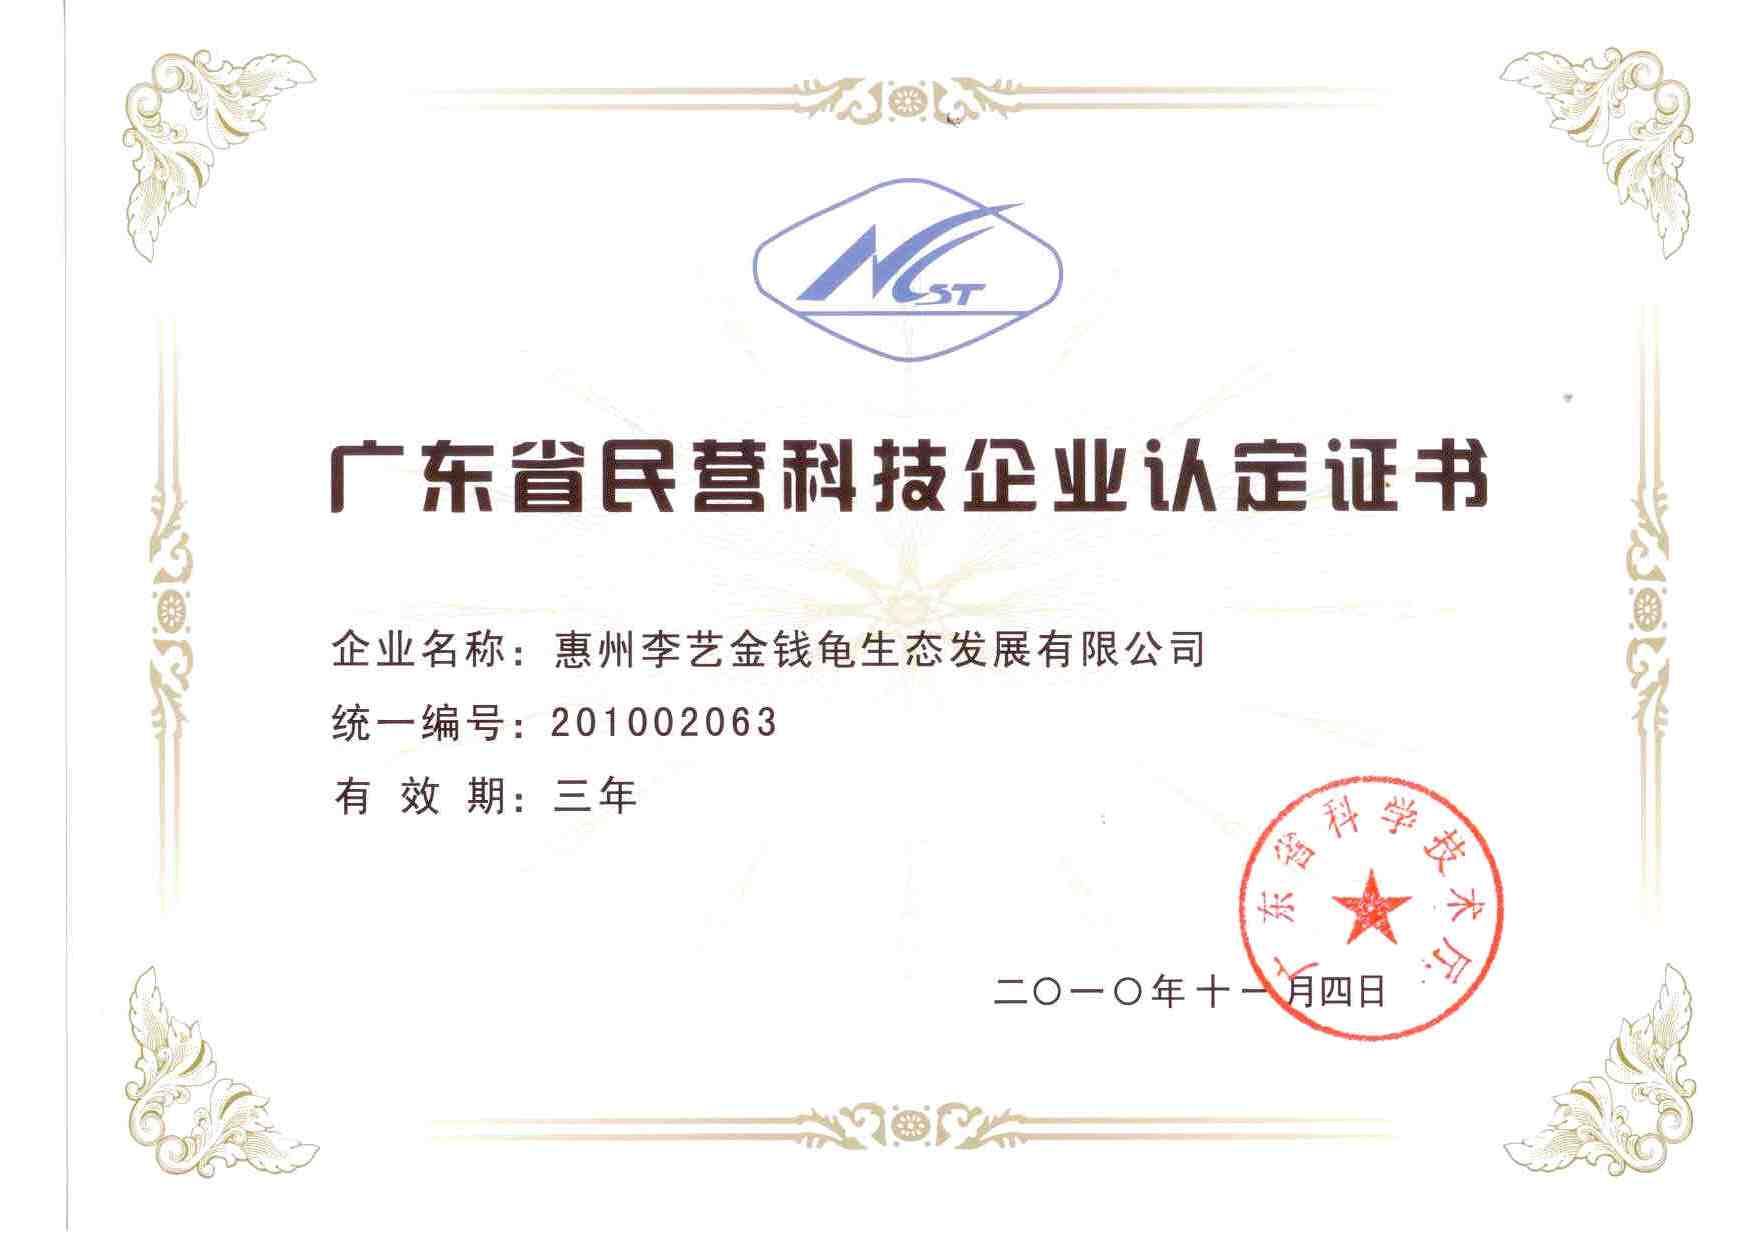 廣東省民營科技企業認定證書-原